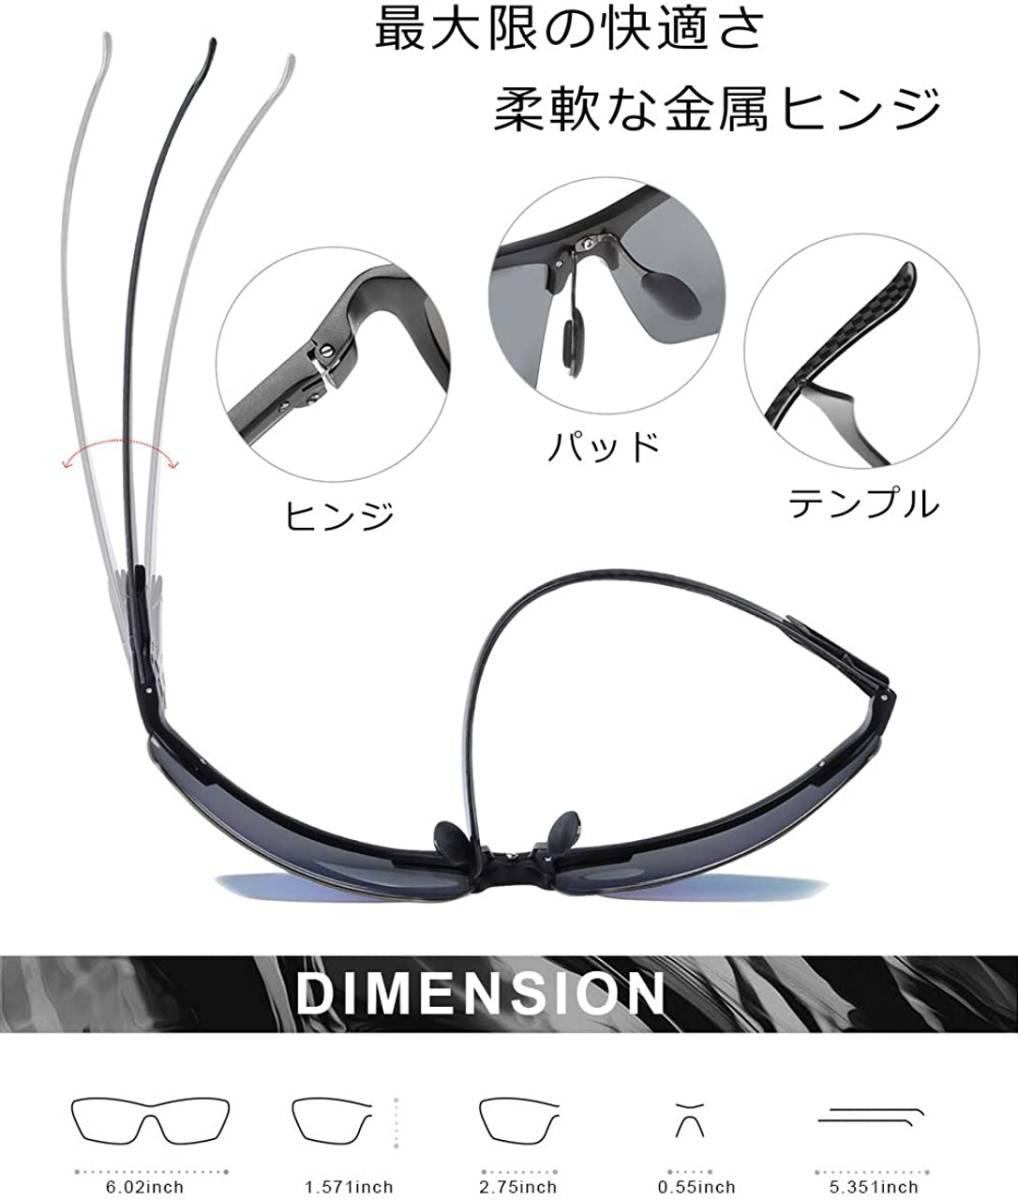 【送料無料】DUCO スポーツサングラス メンズ 大きいサイズ 大きな顔に向け UV400保護 高級炭素繊維素材 超軽量 ランニング 8277 グレー